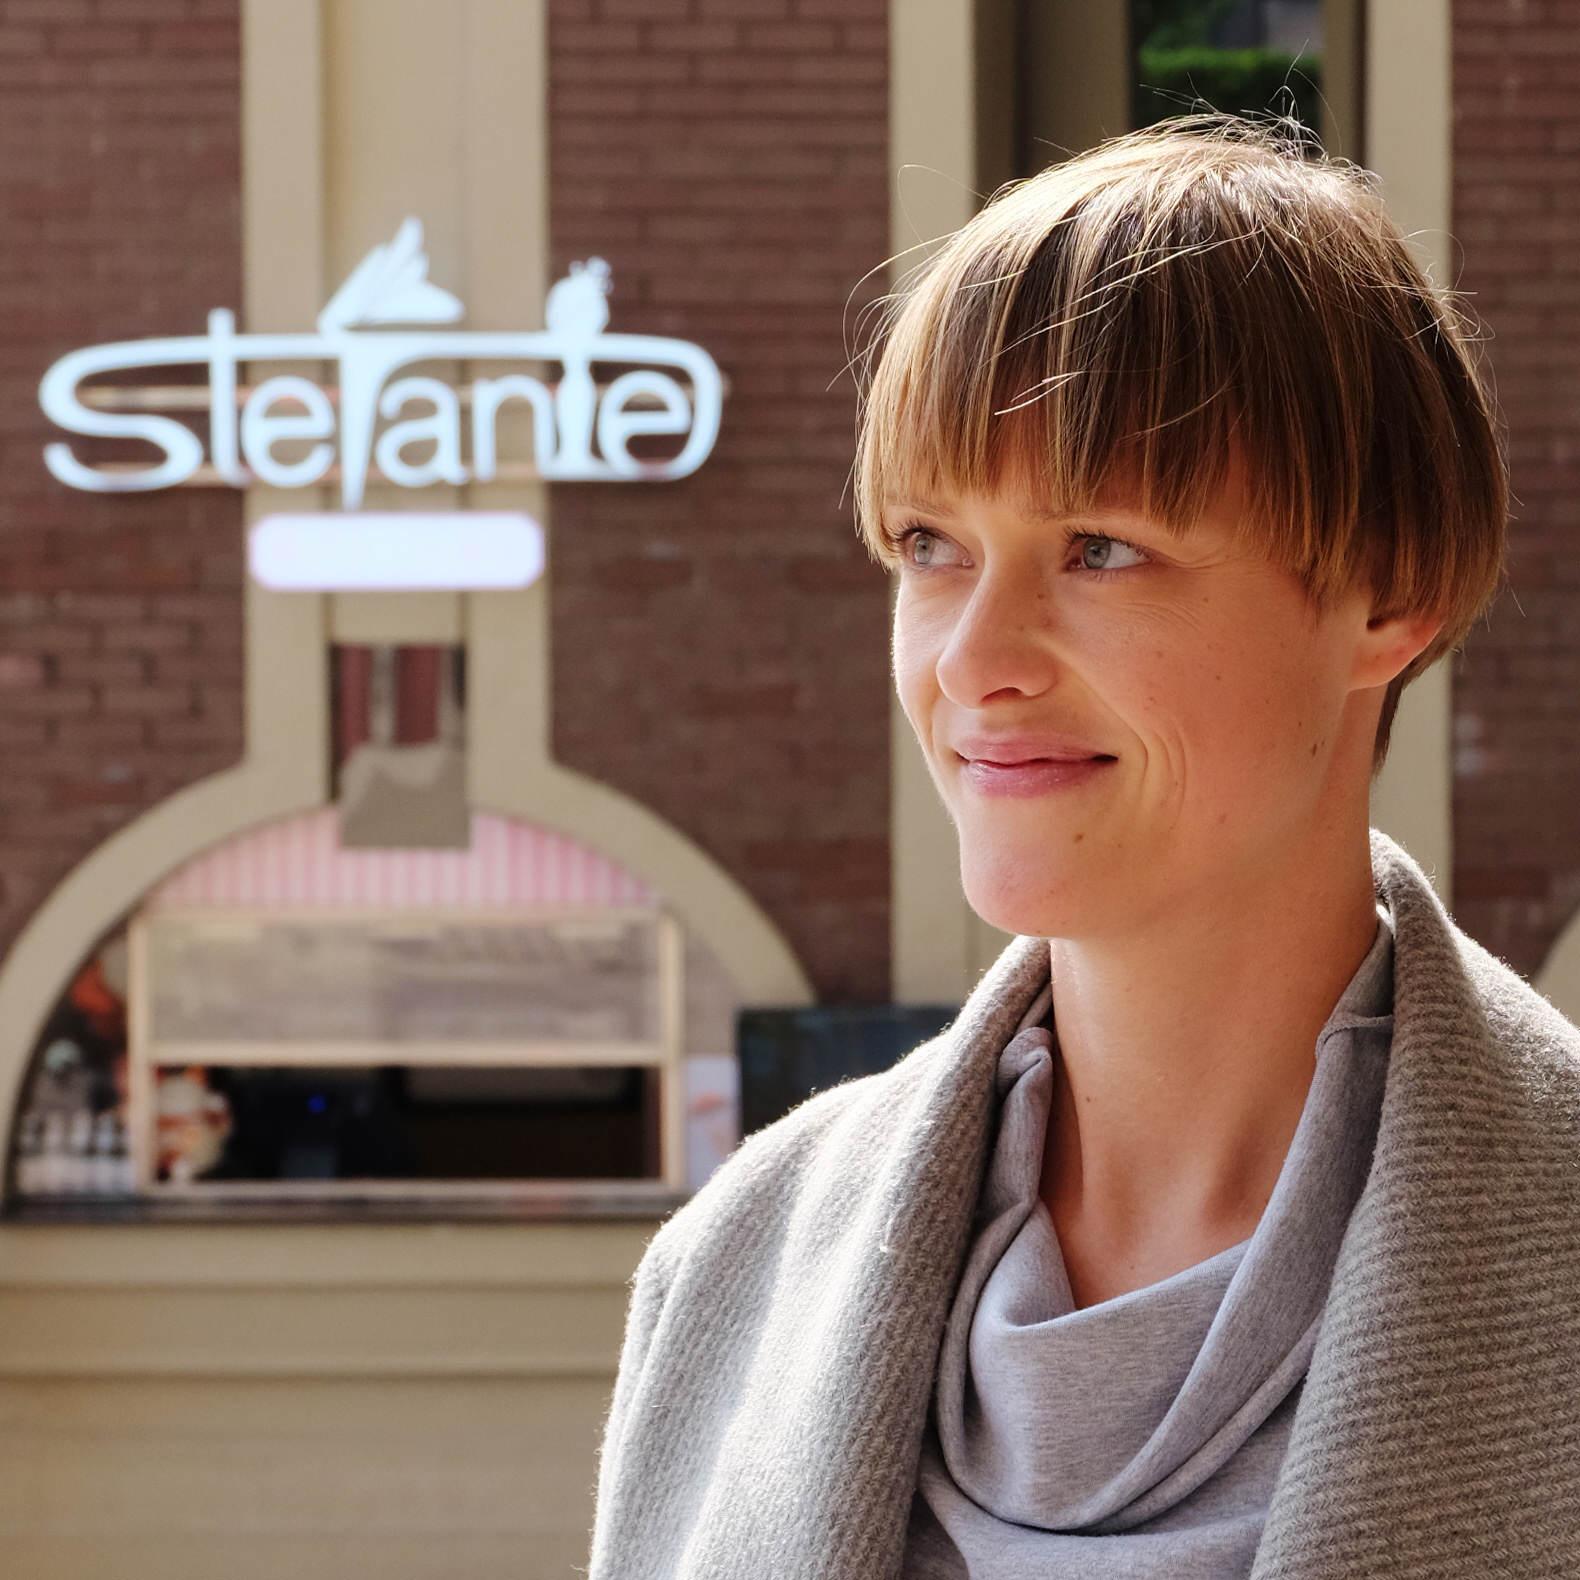 Stefanie